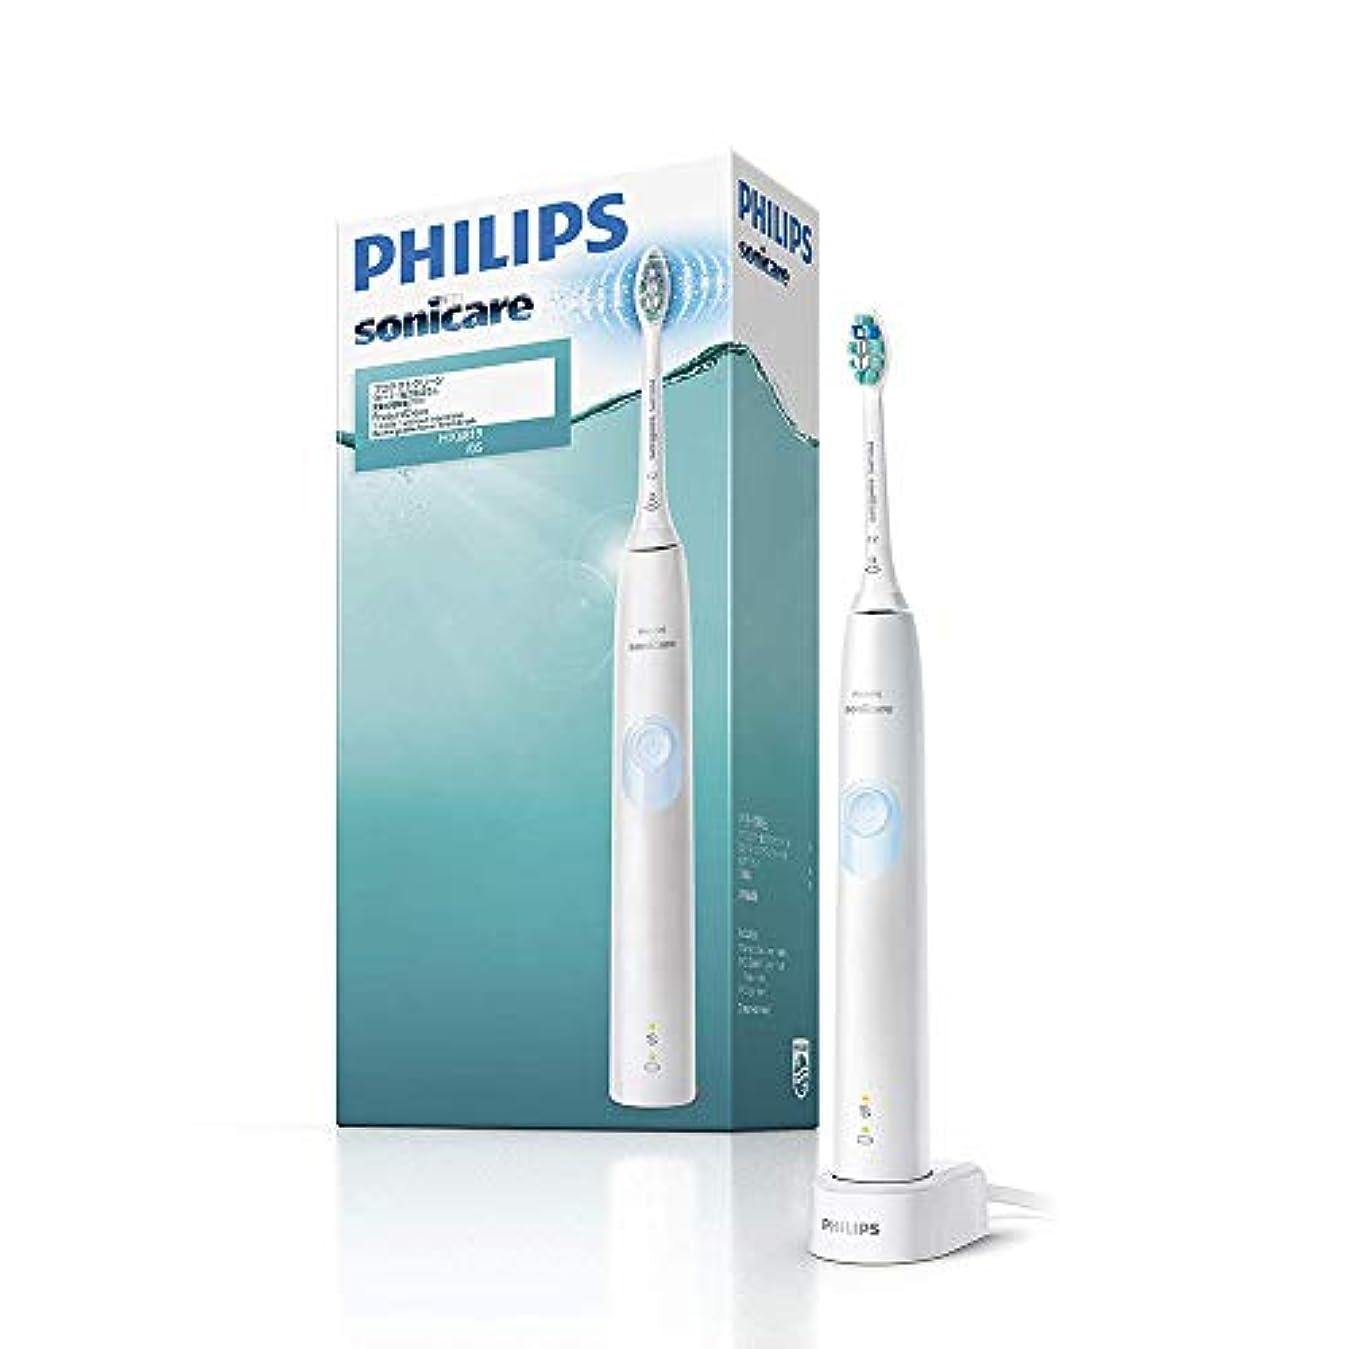 計画嫌がらせ国【Amazon.co.jp限定】フィリップス ソニッケアー プロテクトクリーン ホワイトライトブルー 電動歯ブラシ 強さ設定なし HX6819/05